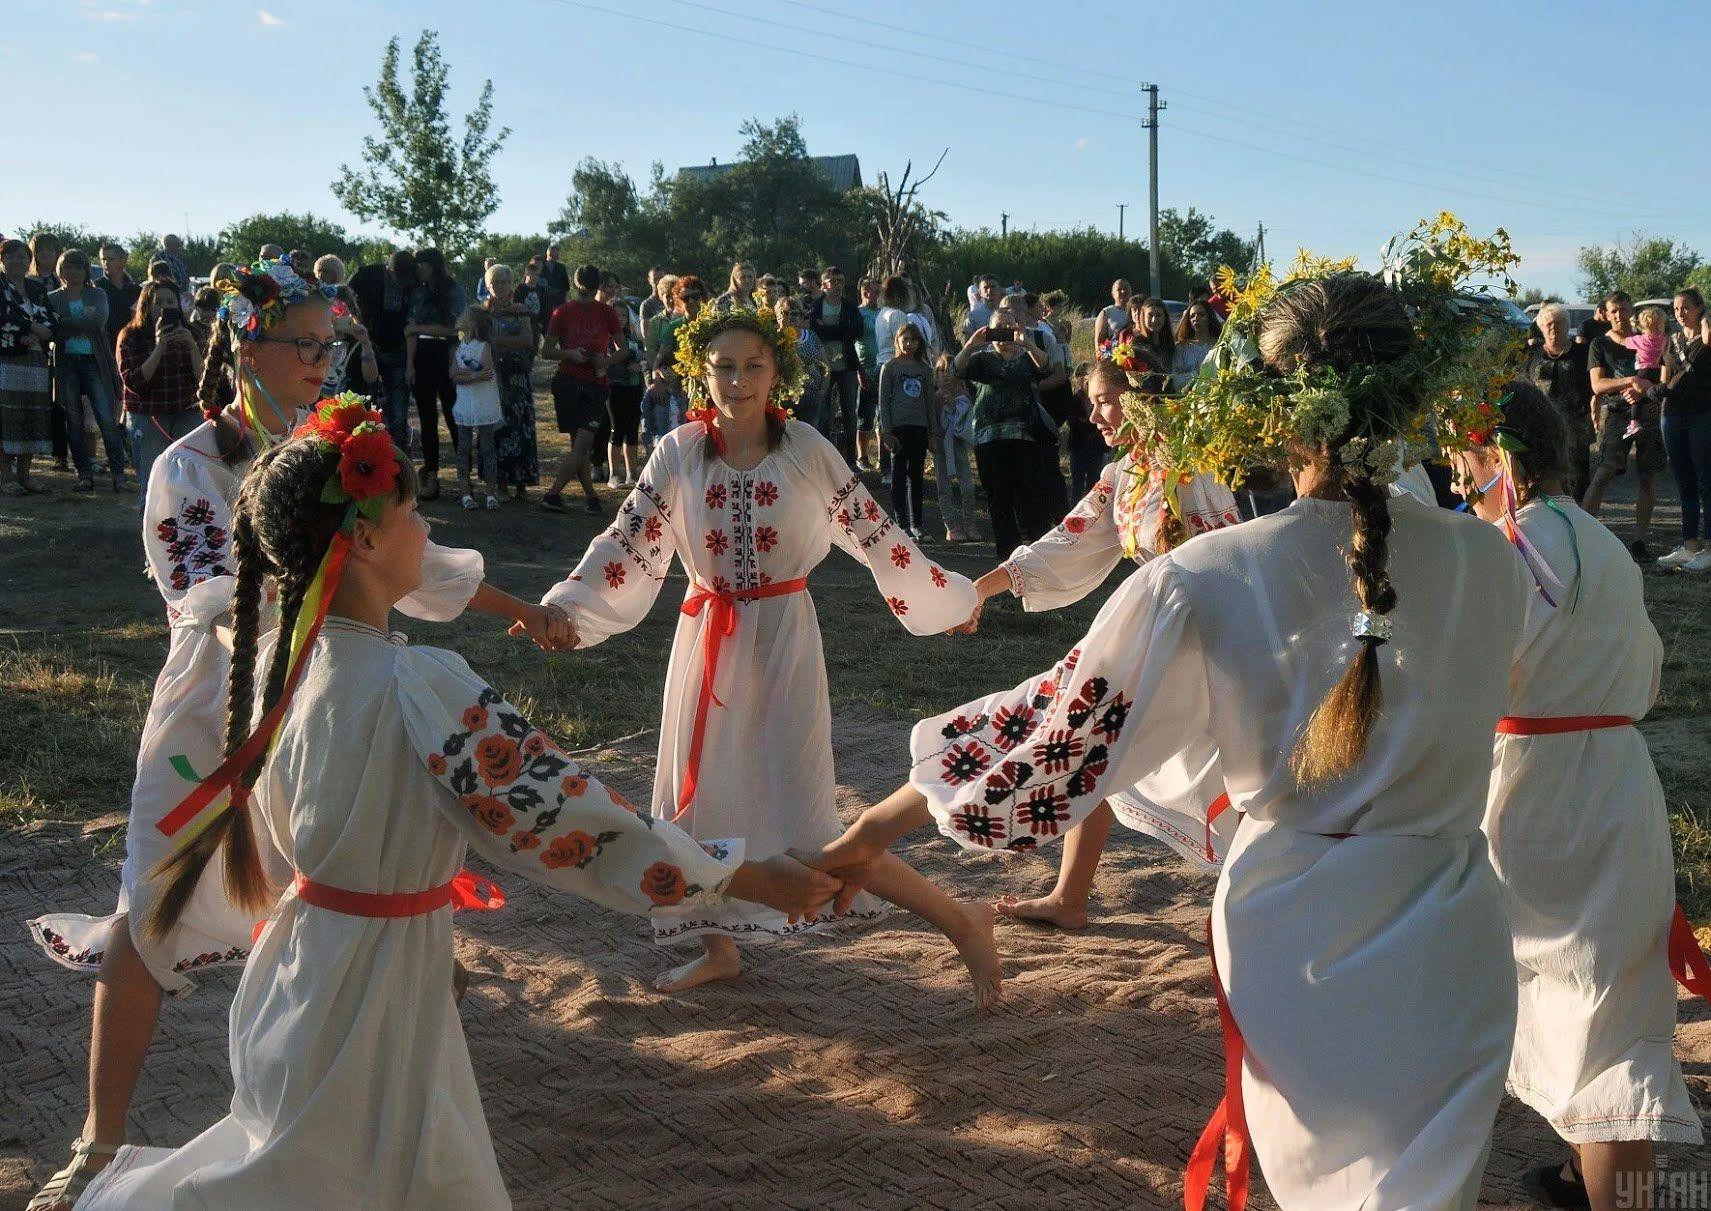 Івана Купала традиційно відзначається масовими гуляннями